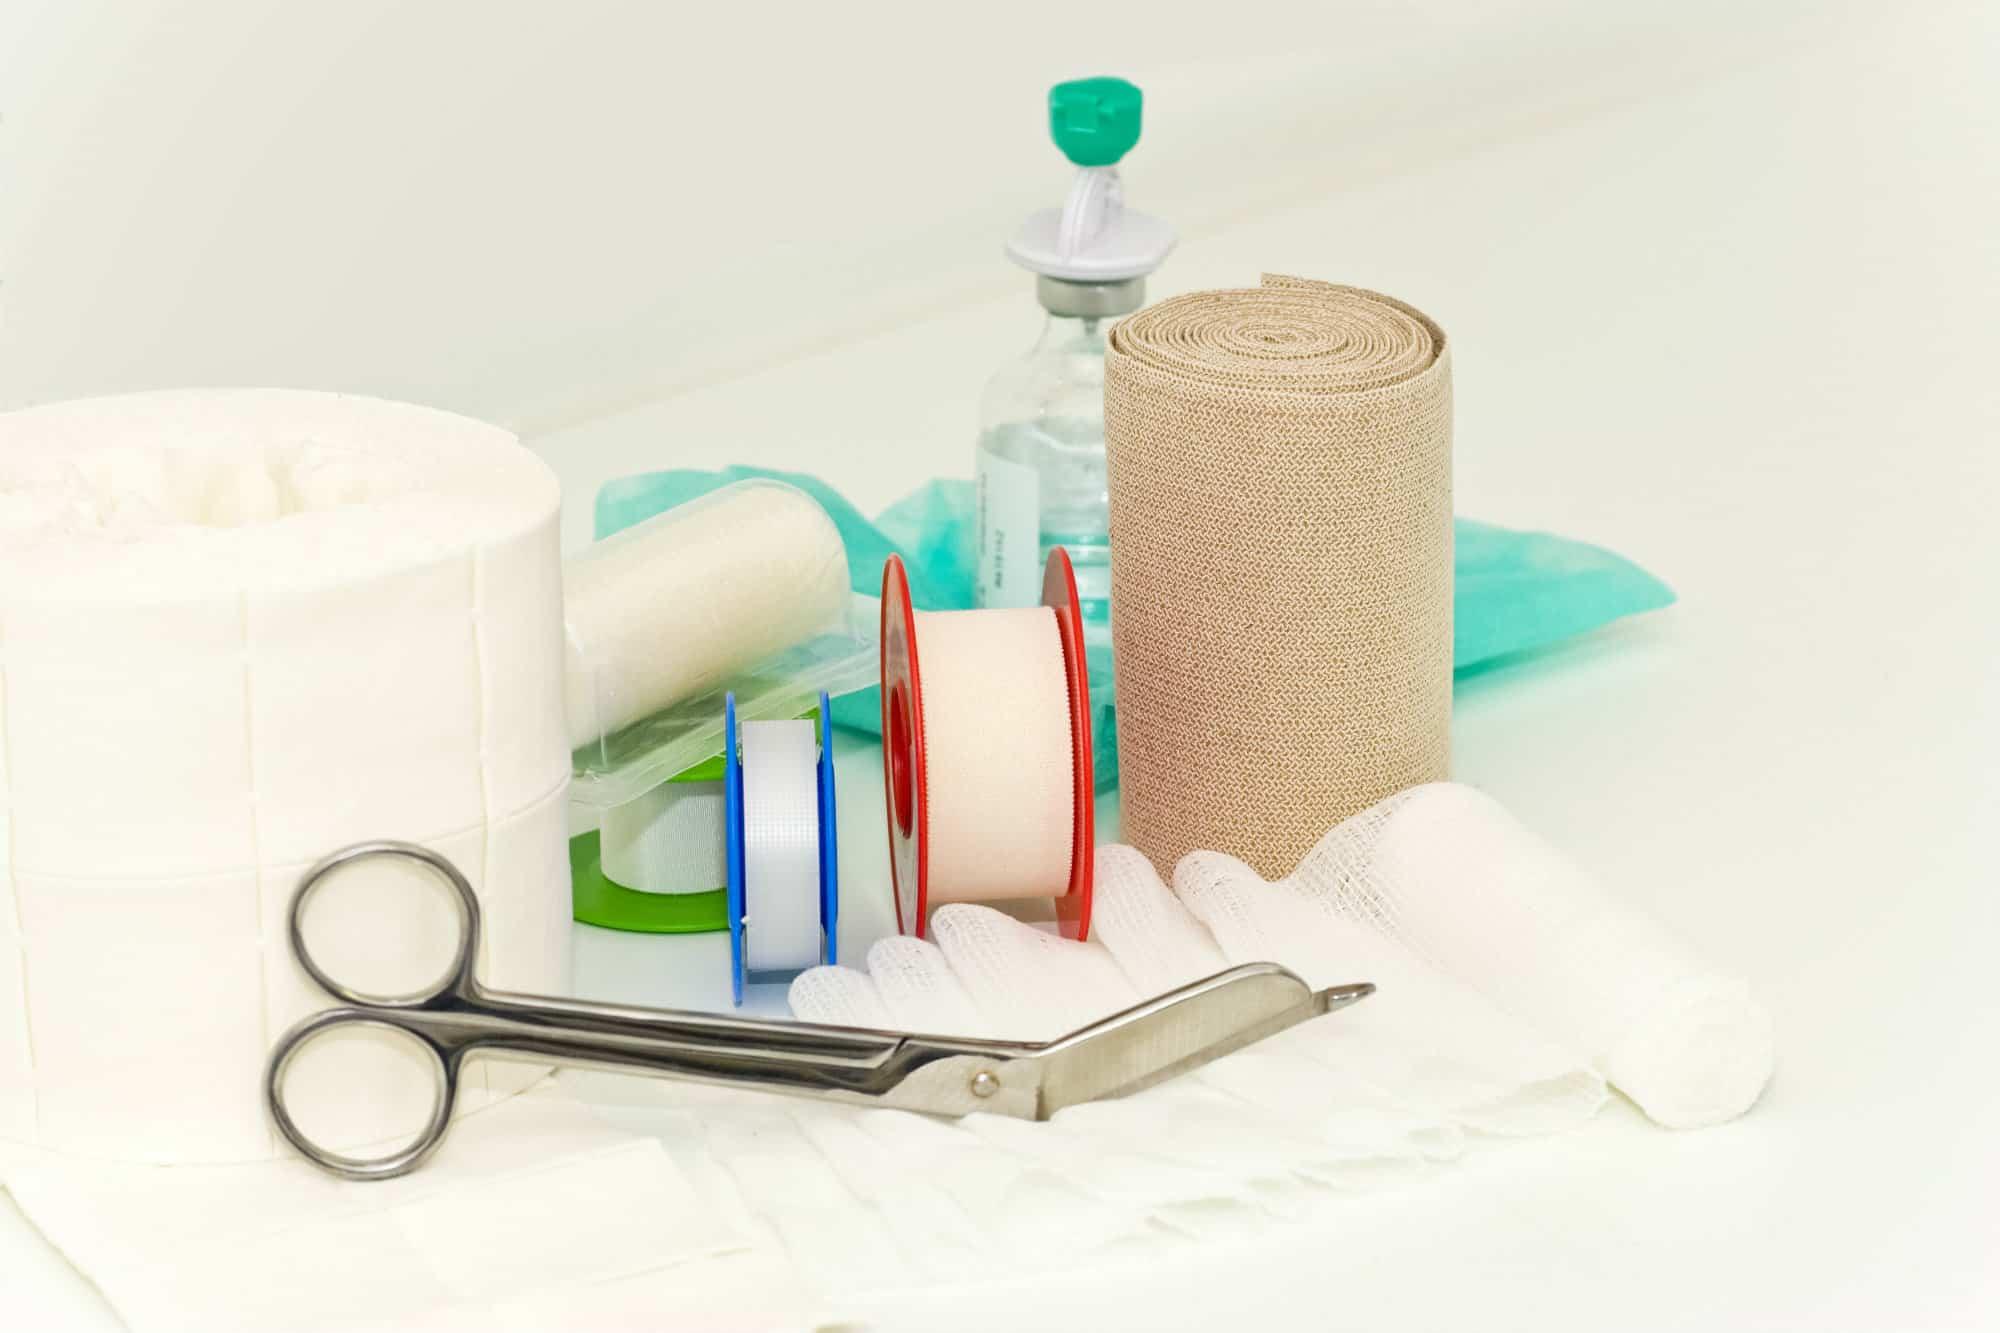 Saiba como fazer o descarte correto de material hospitalar